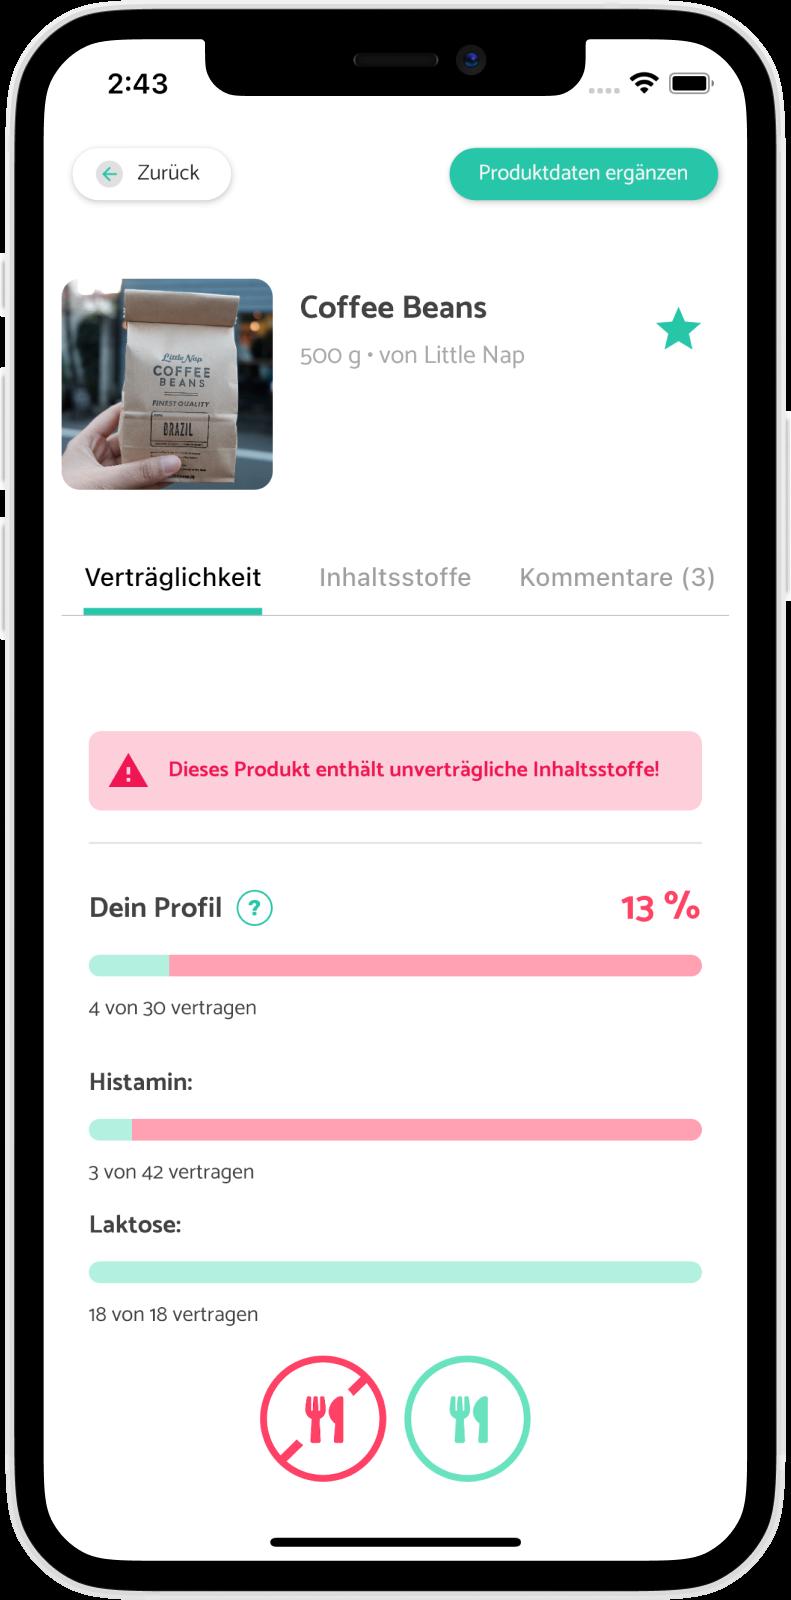 TIOLI App für Menschen mit Lebensmittelintoleranzen